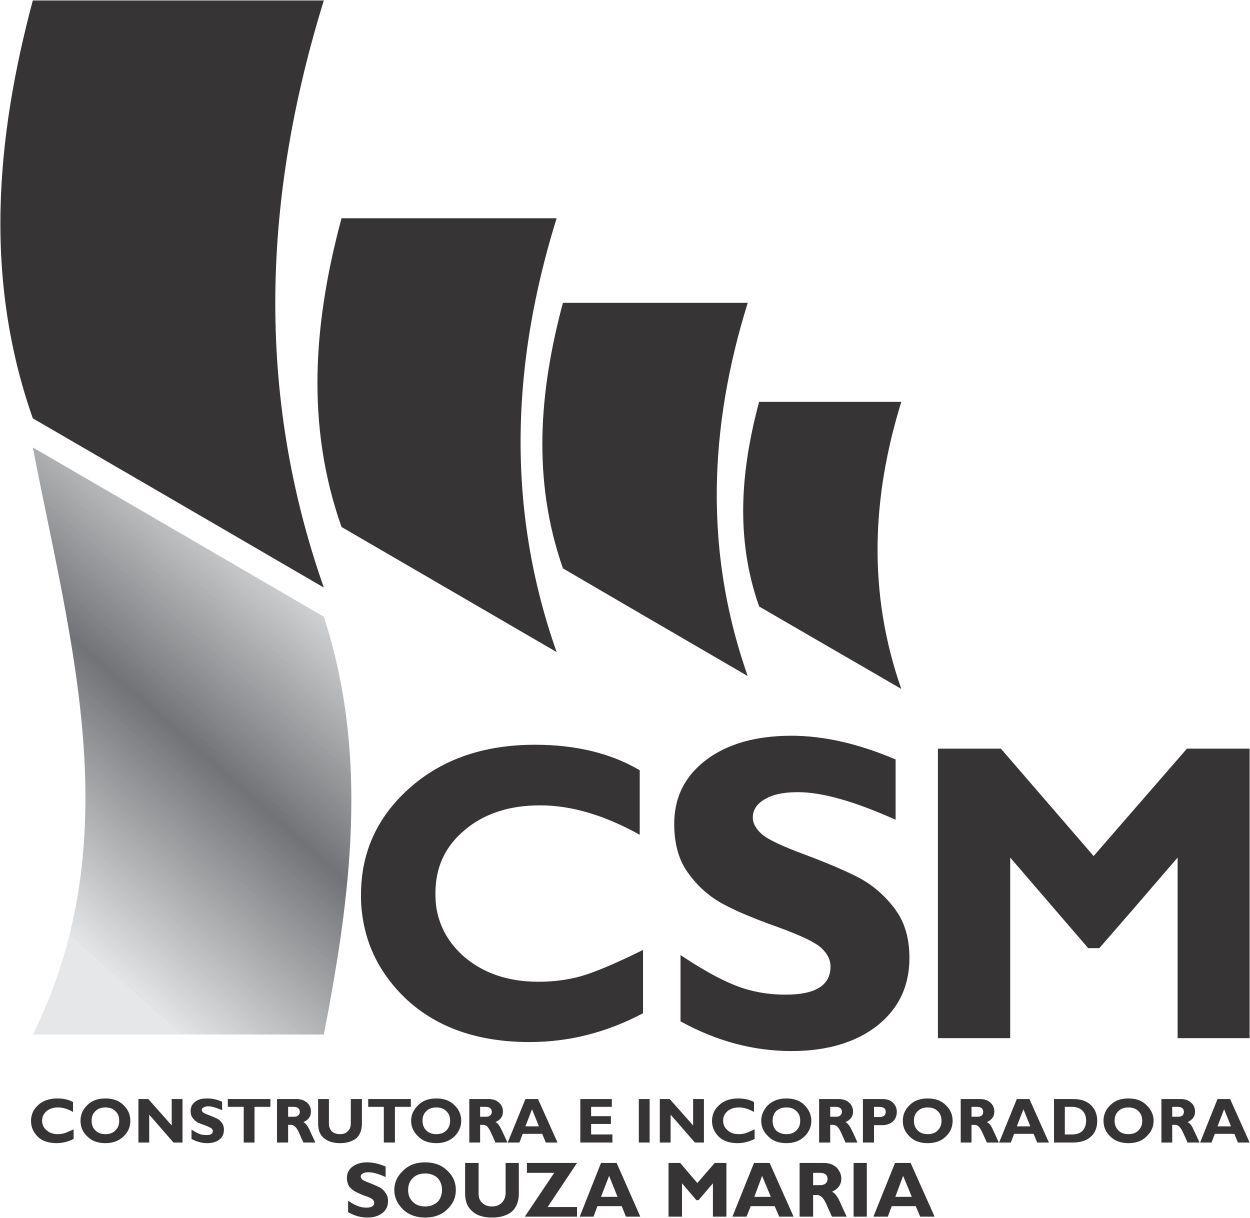 Cliente: CSM Construtora e Incorporadora Souza Maria